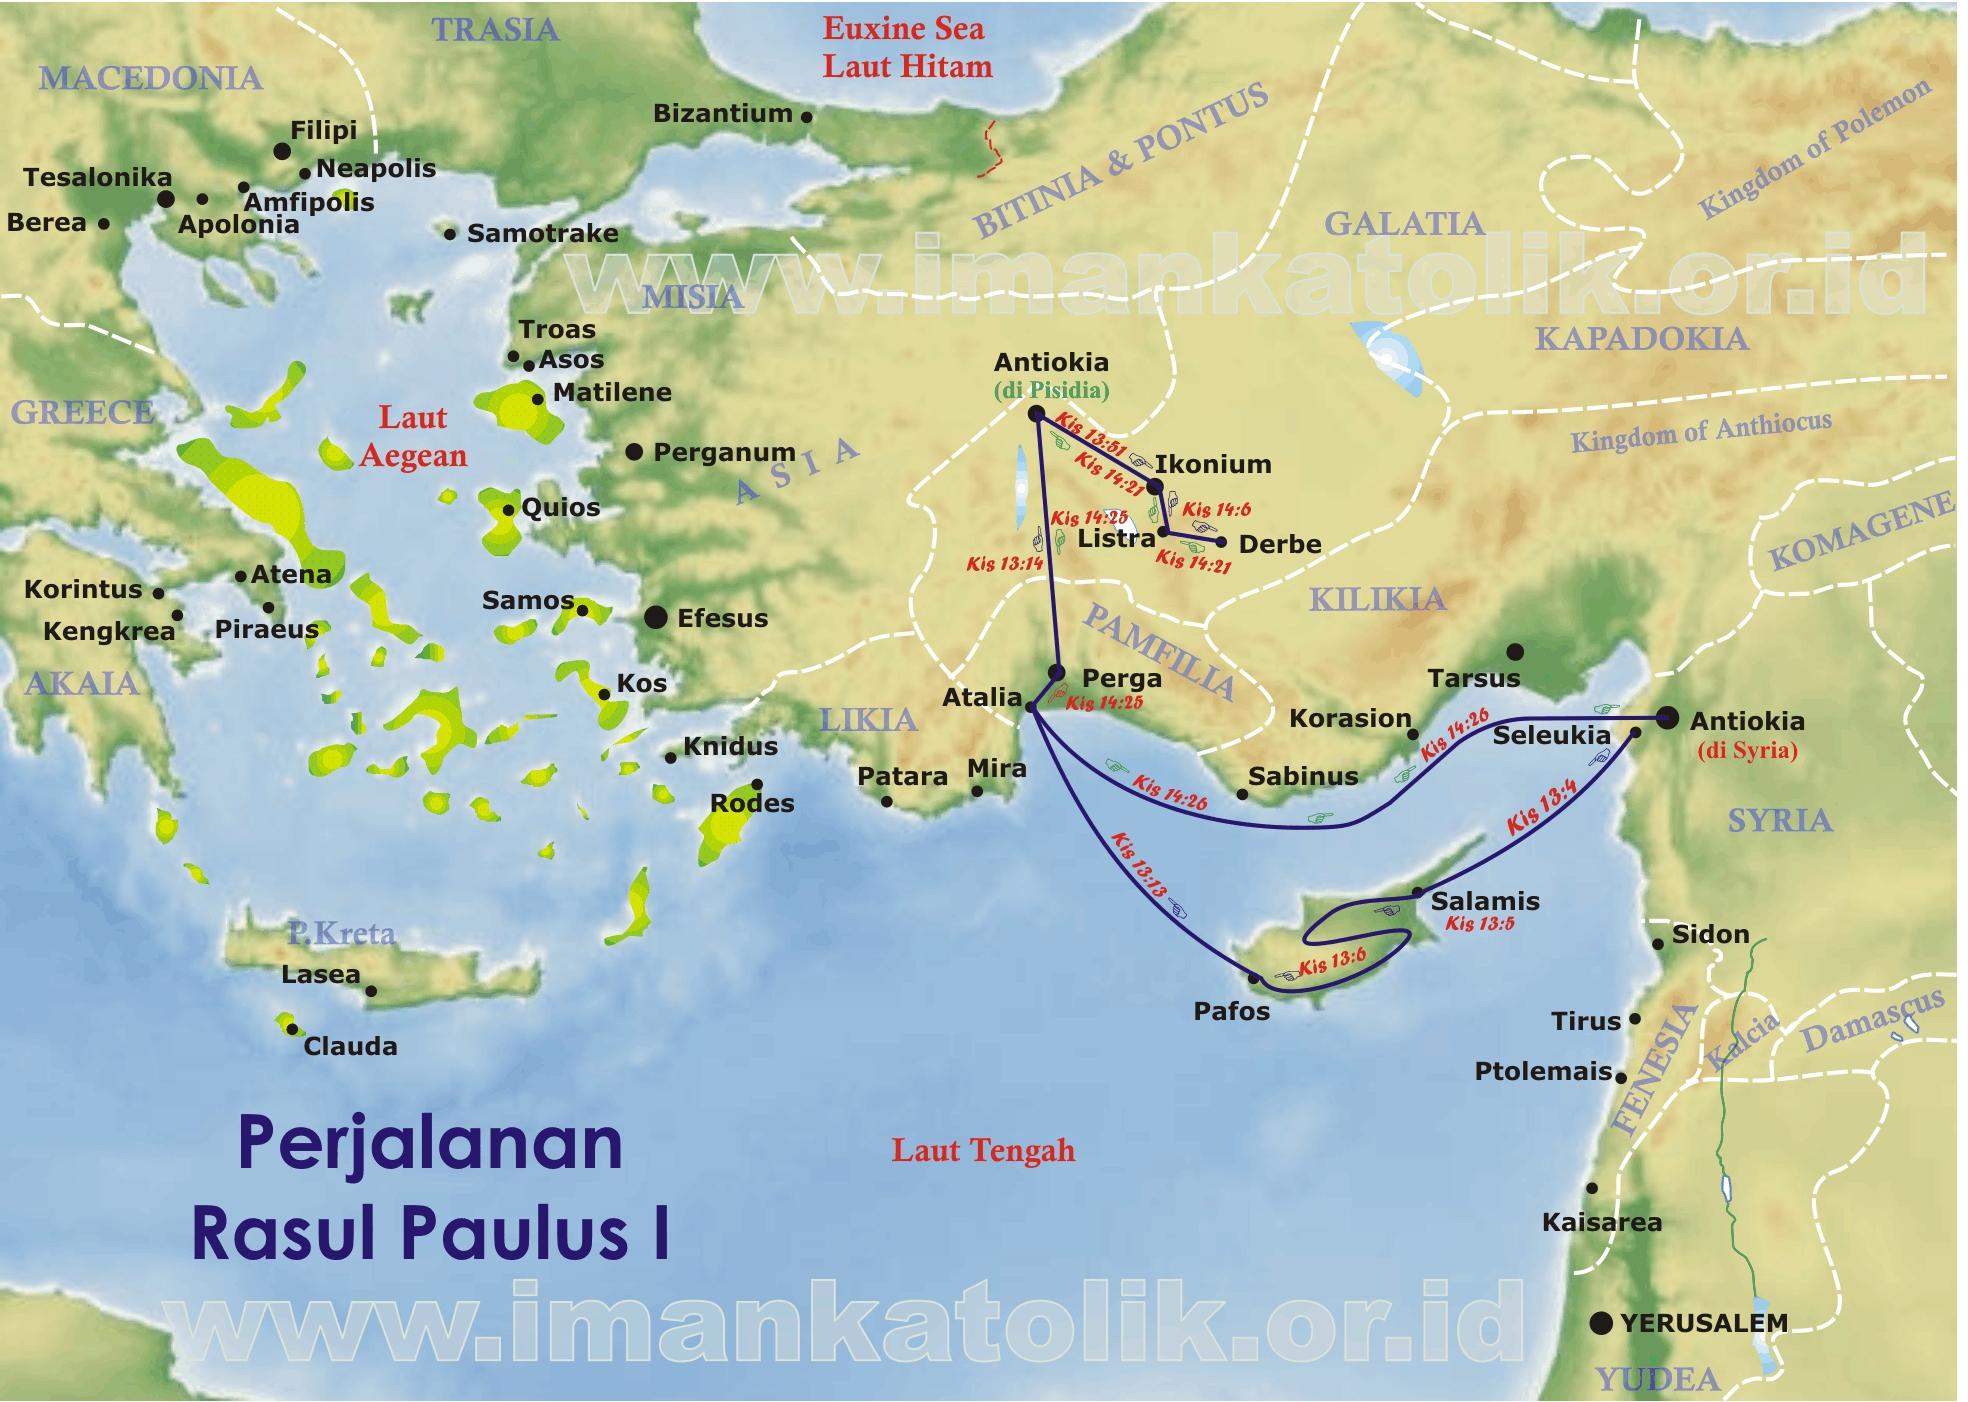 http://www.imankatolik.or.id/gambar%20peta/paulus1a.jpg